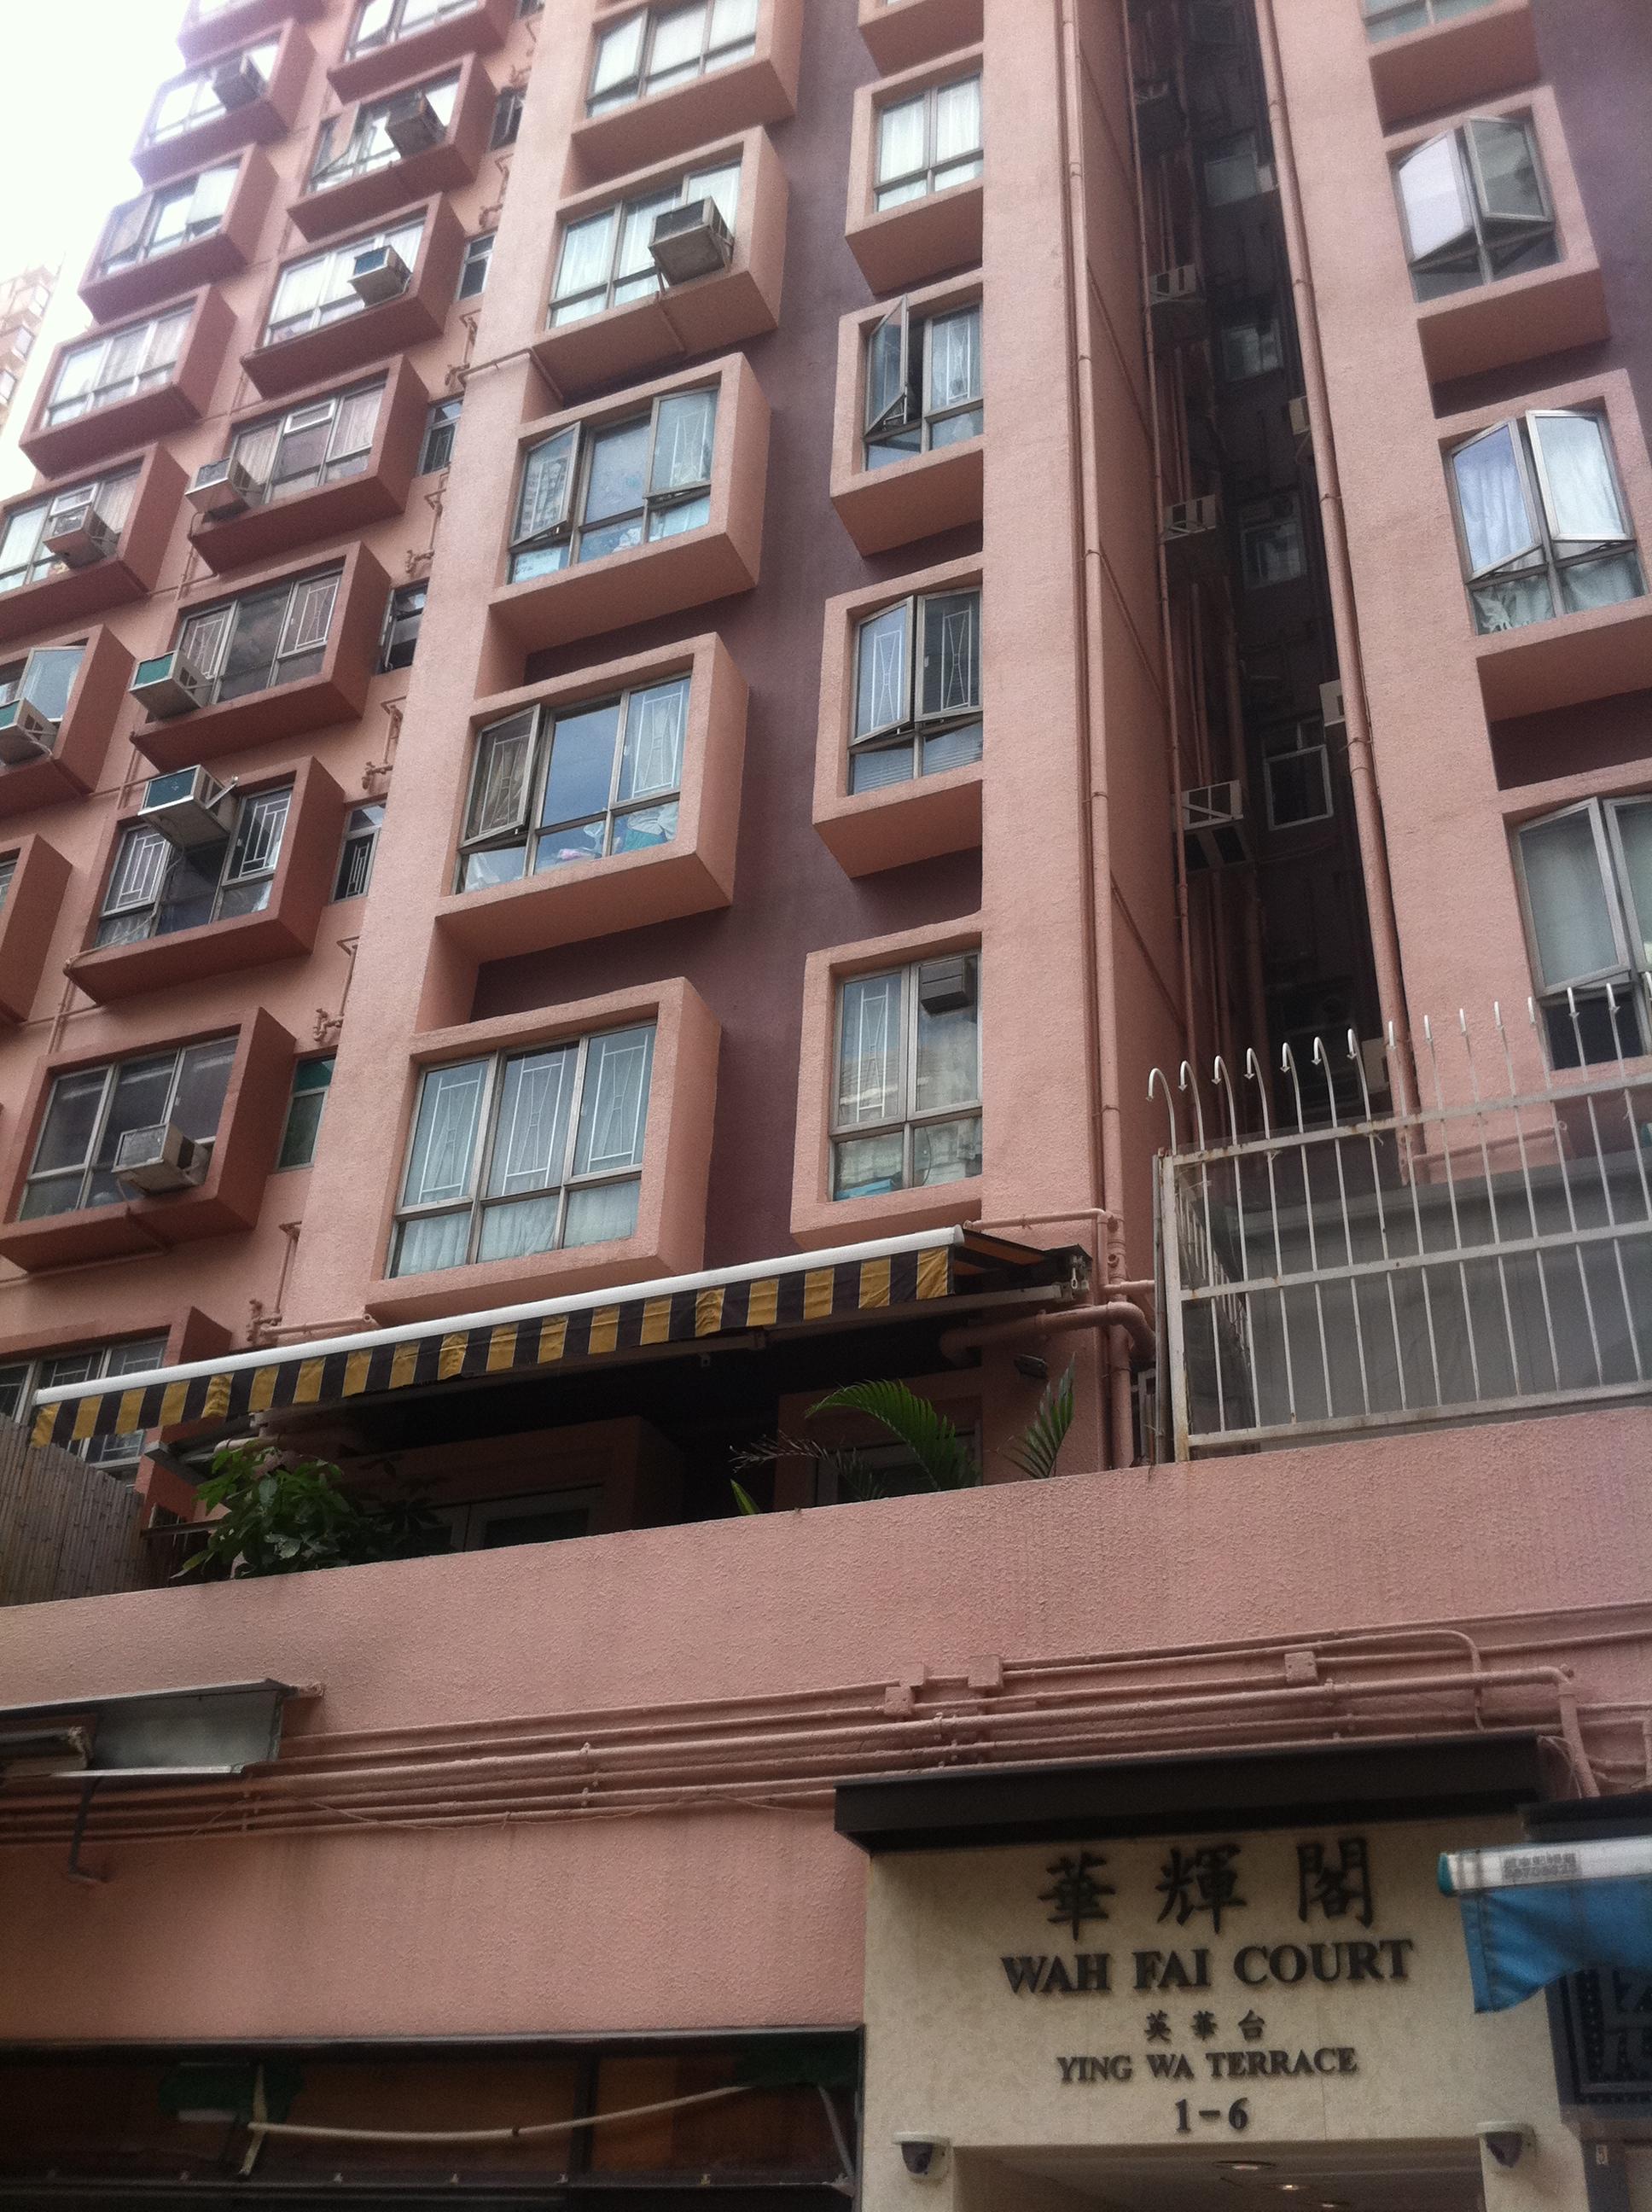 file hk sai ying pun 1 6 ying wa terrace wah fai